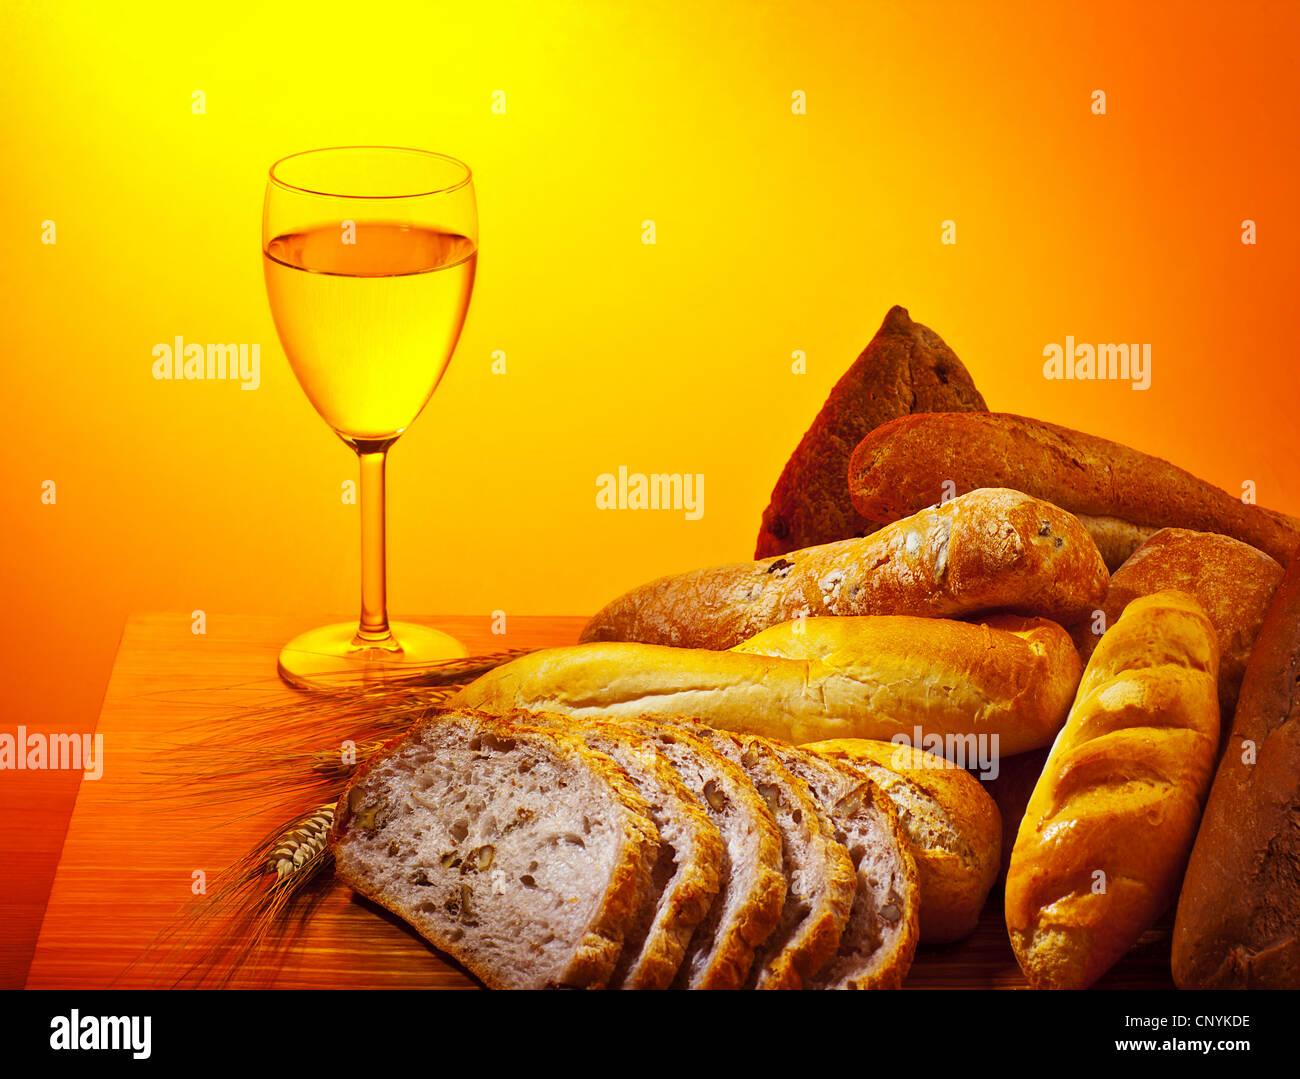 abendmahl kommunion essen brot und glas wein sonntag christliche traditionelle speisen. Black Bedroom Furniture Sets. Home Design Ideas